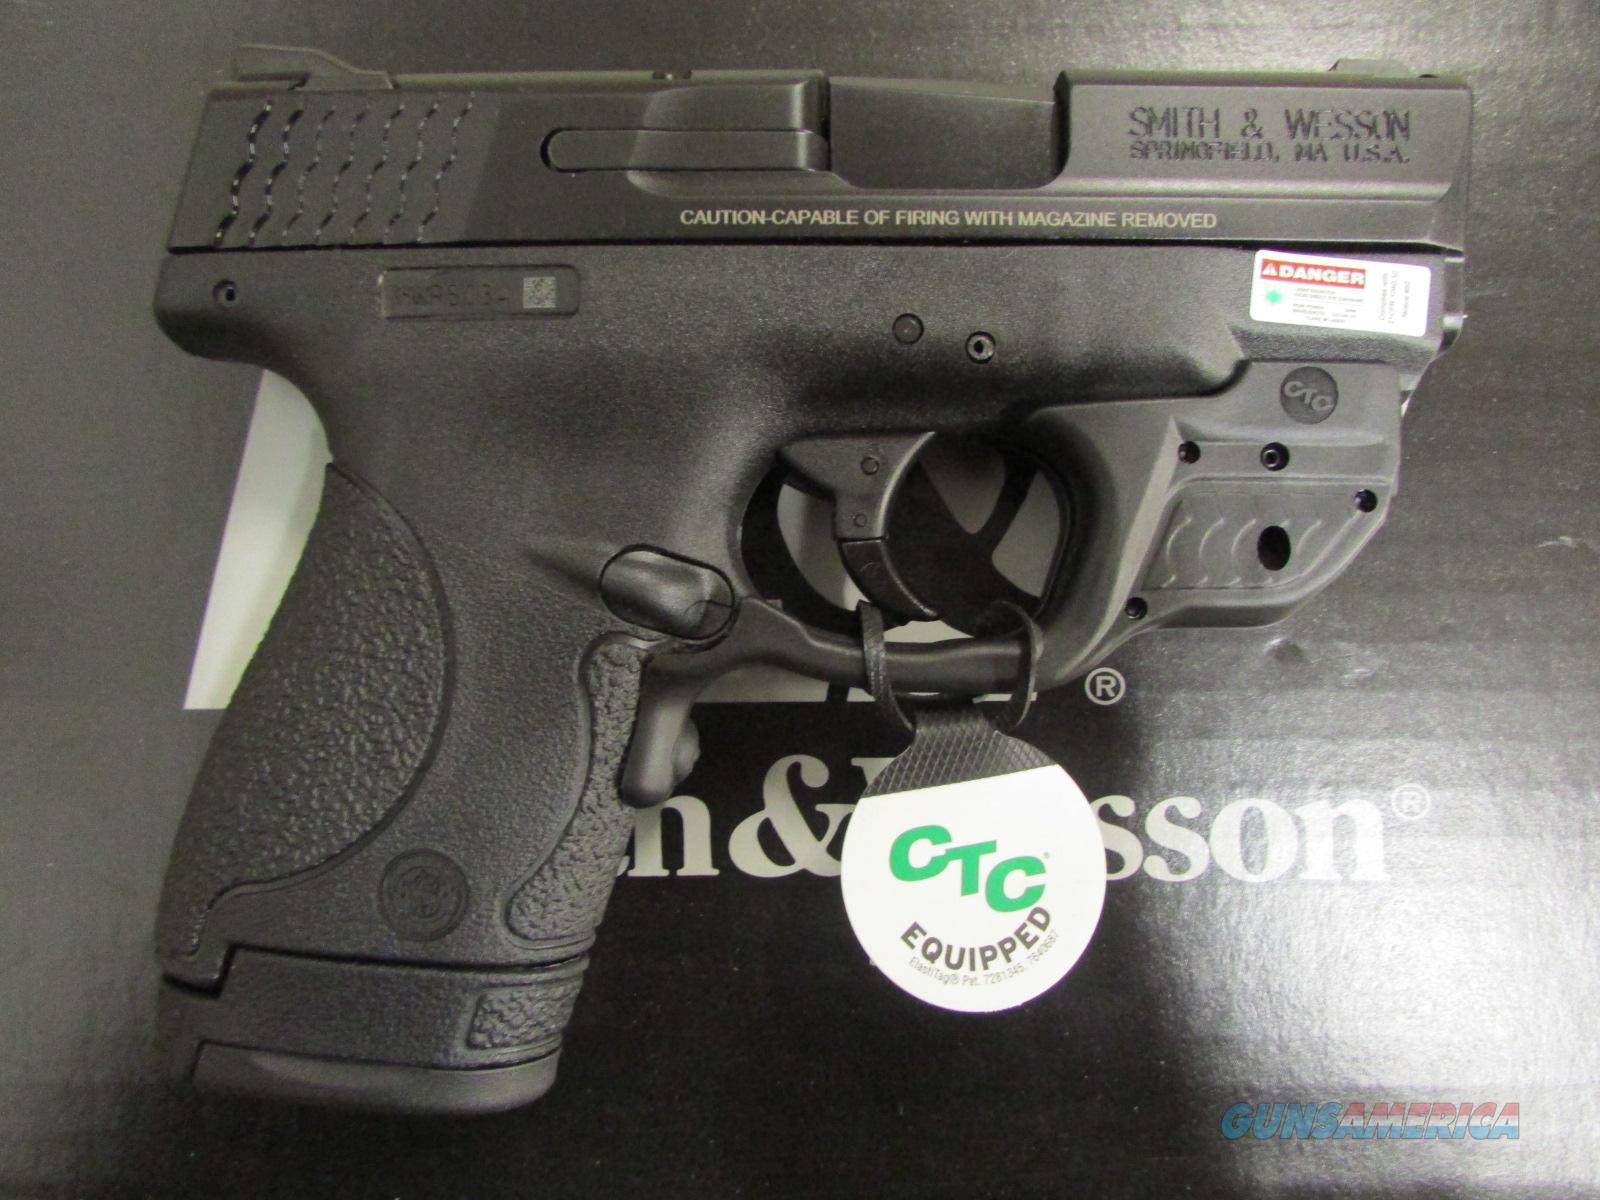 Smith & Wesson M&P9 SHIELD Crimson Trace Green Laserguard 9mm 10141